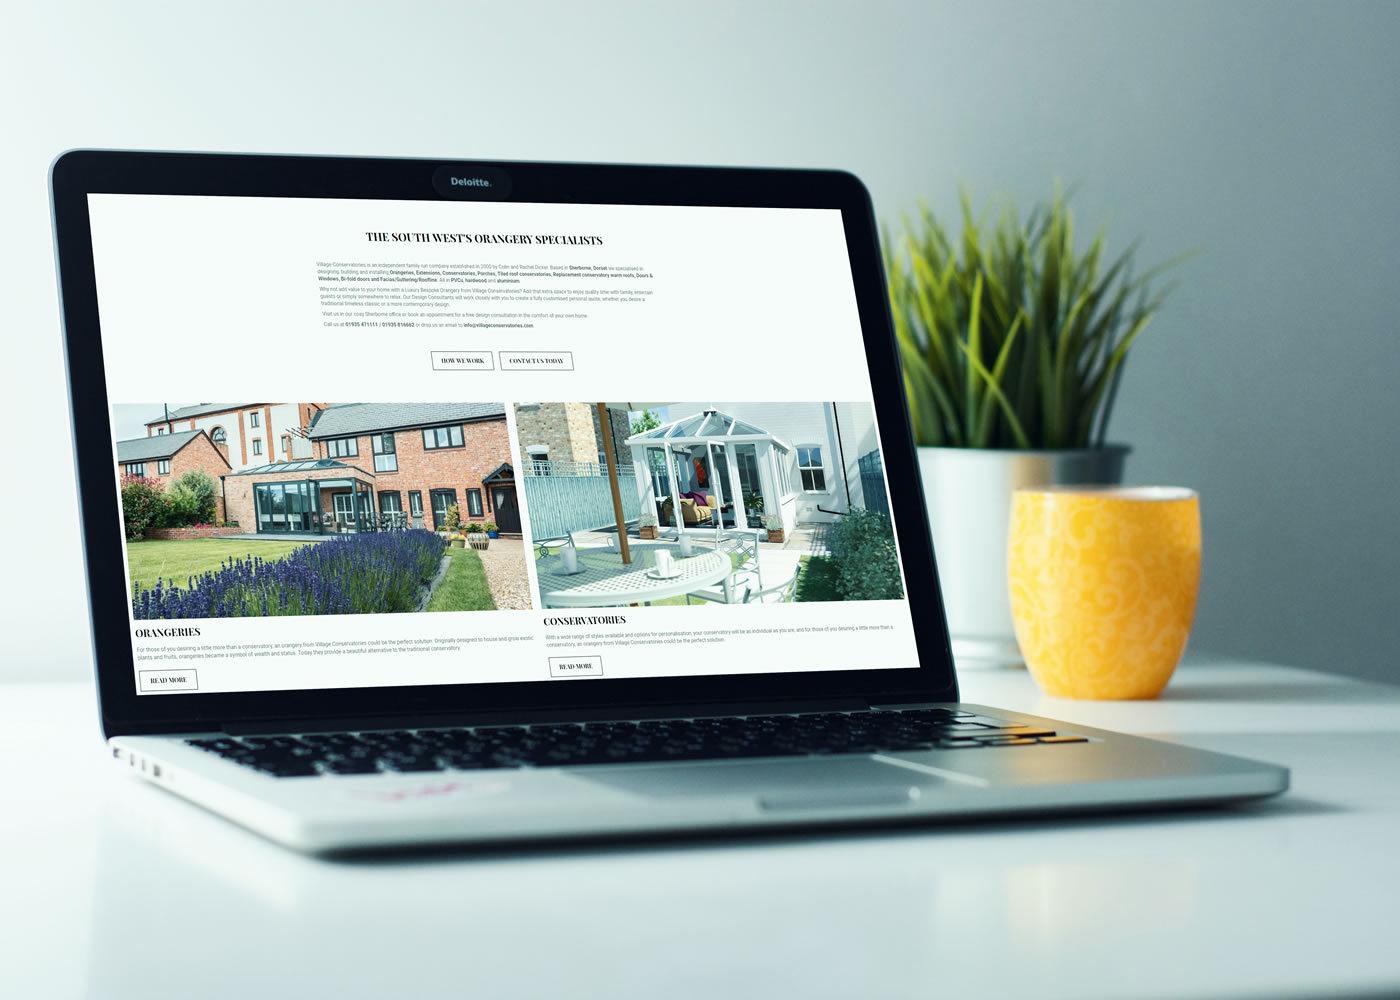 macbook-village-conservatories